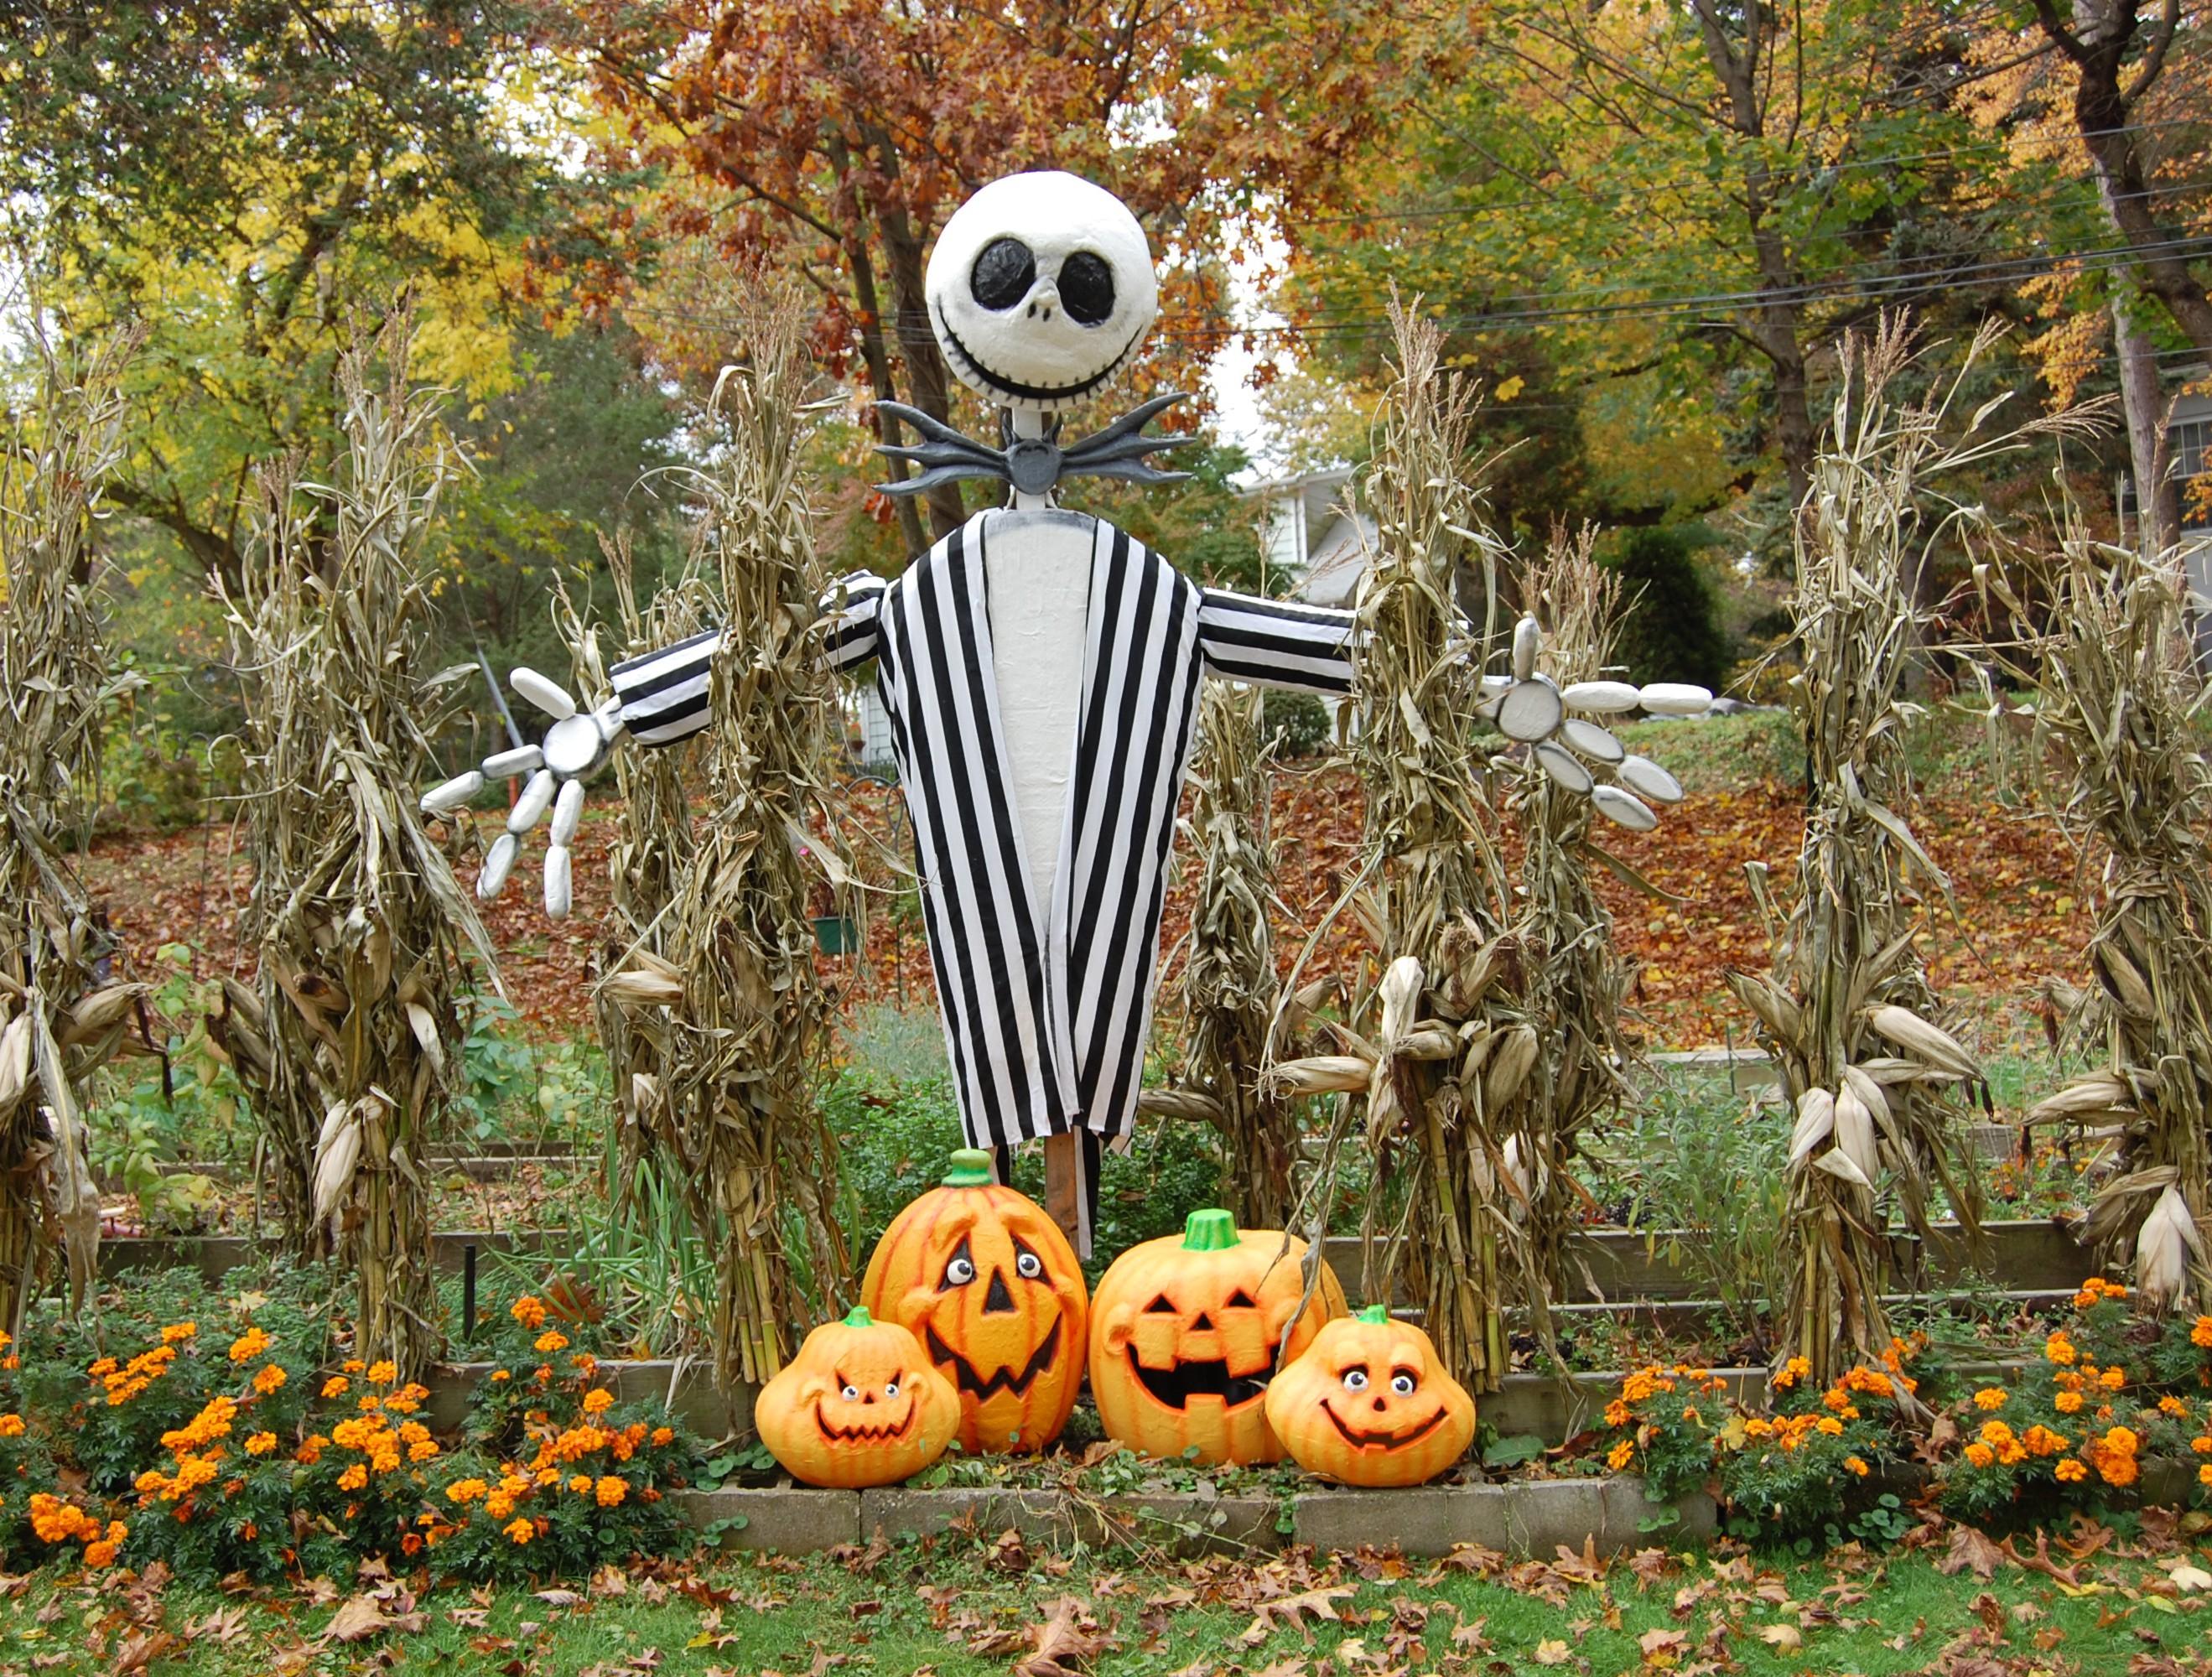 creatures of delight halloween decorations jack skellington